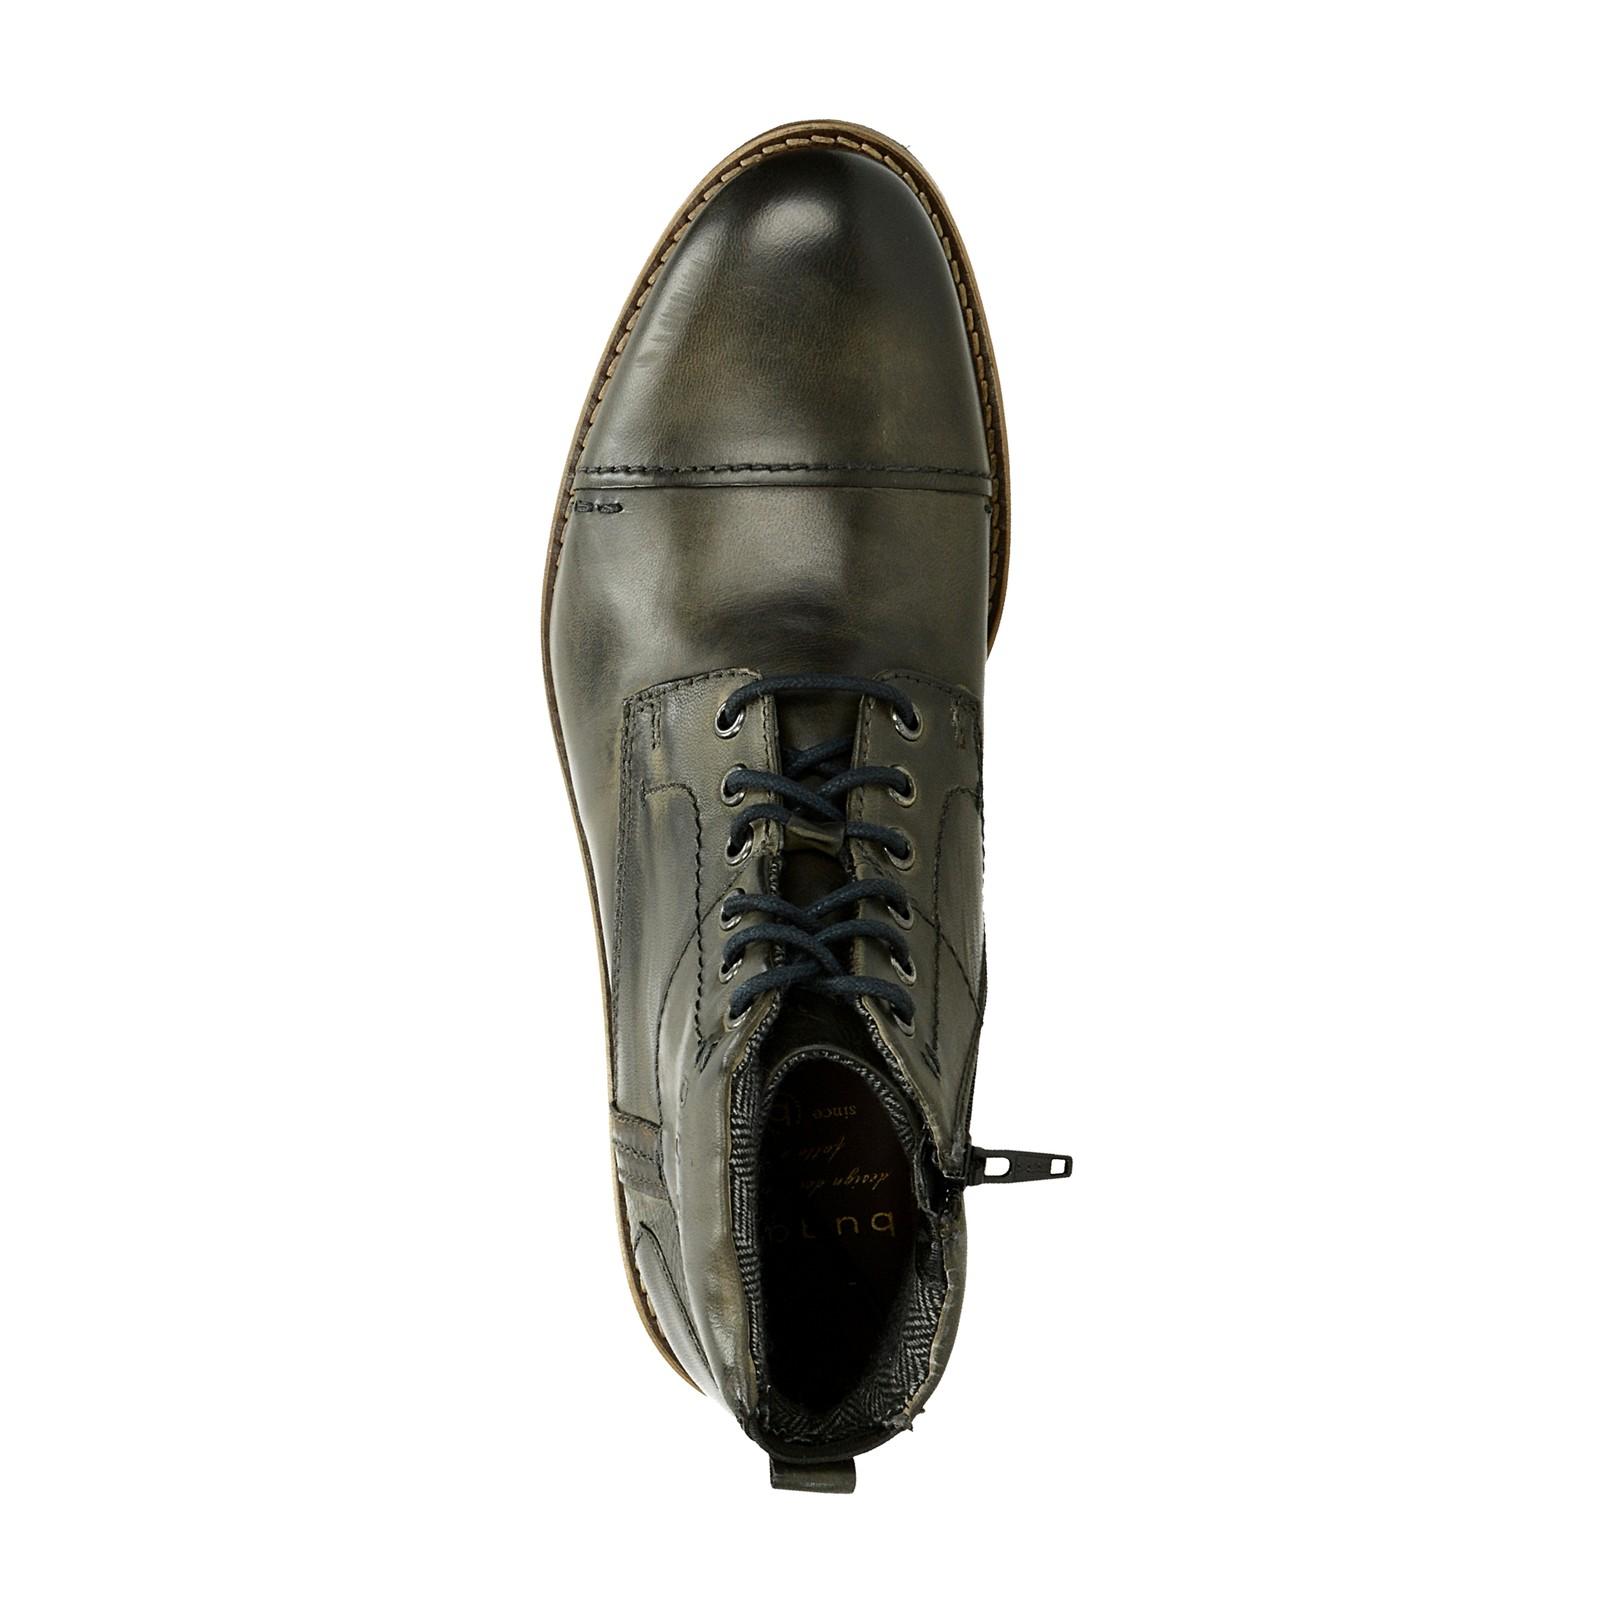 7745dff768d Bugatti pánska kožená členková obuv - šedá ...